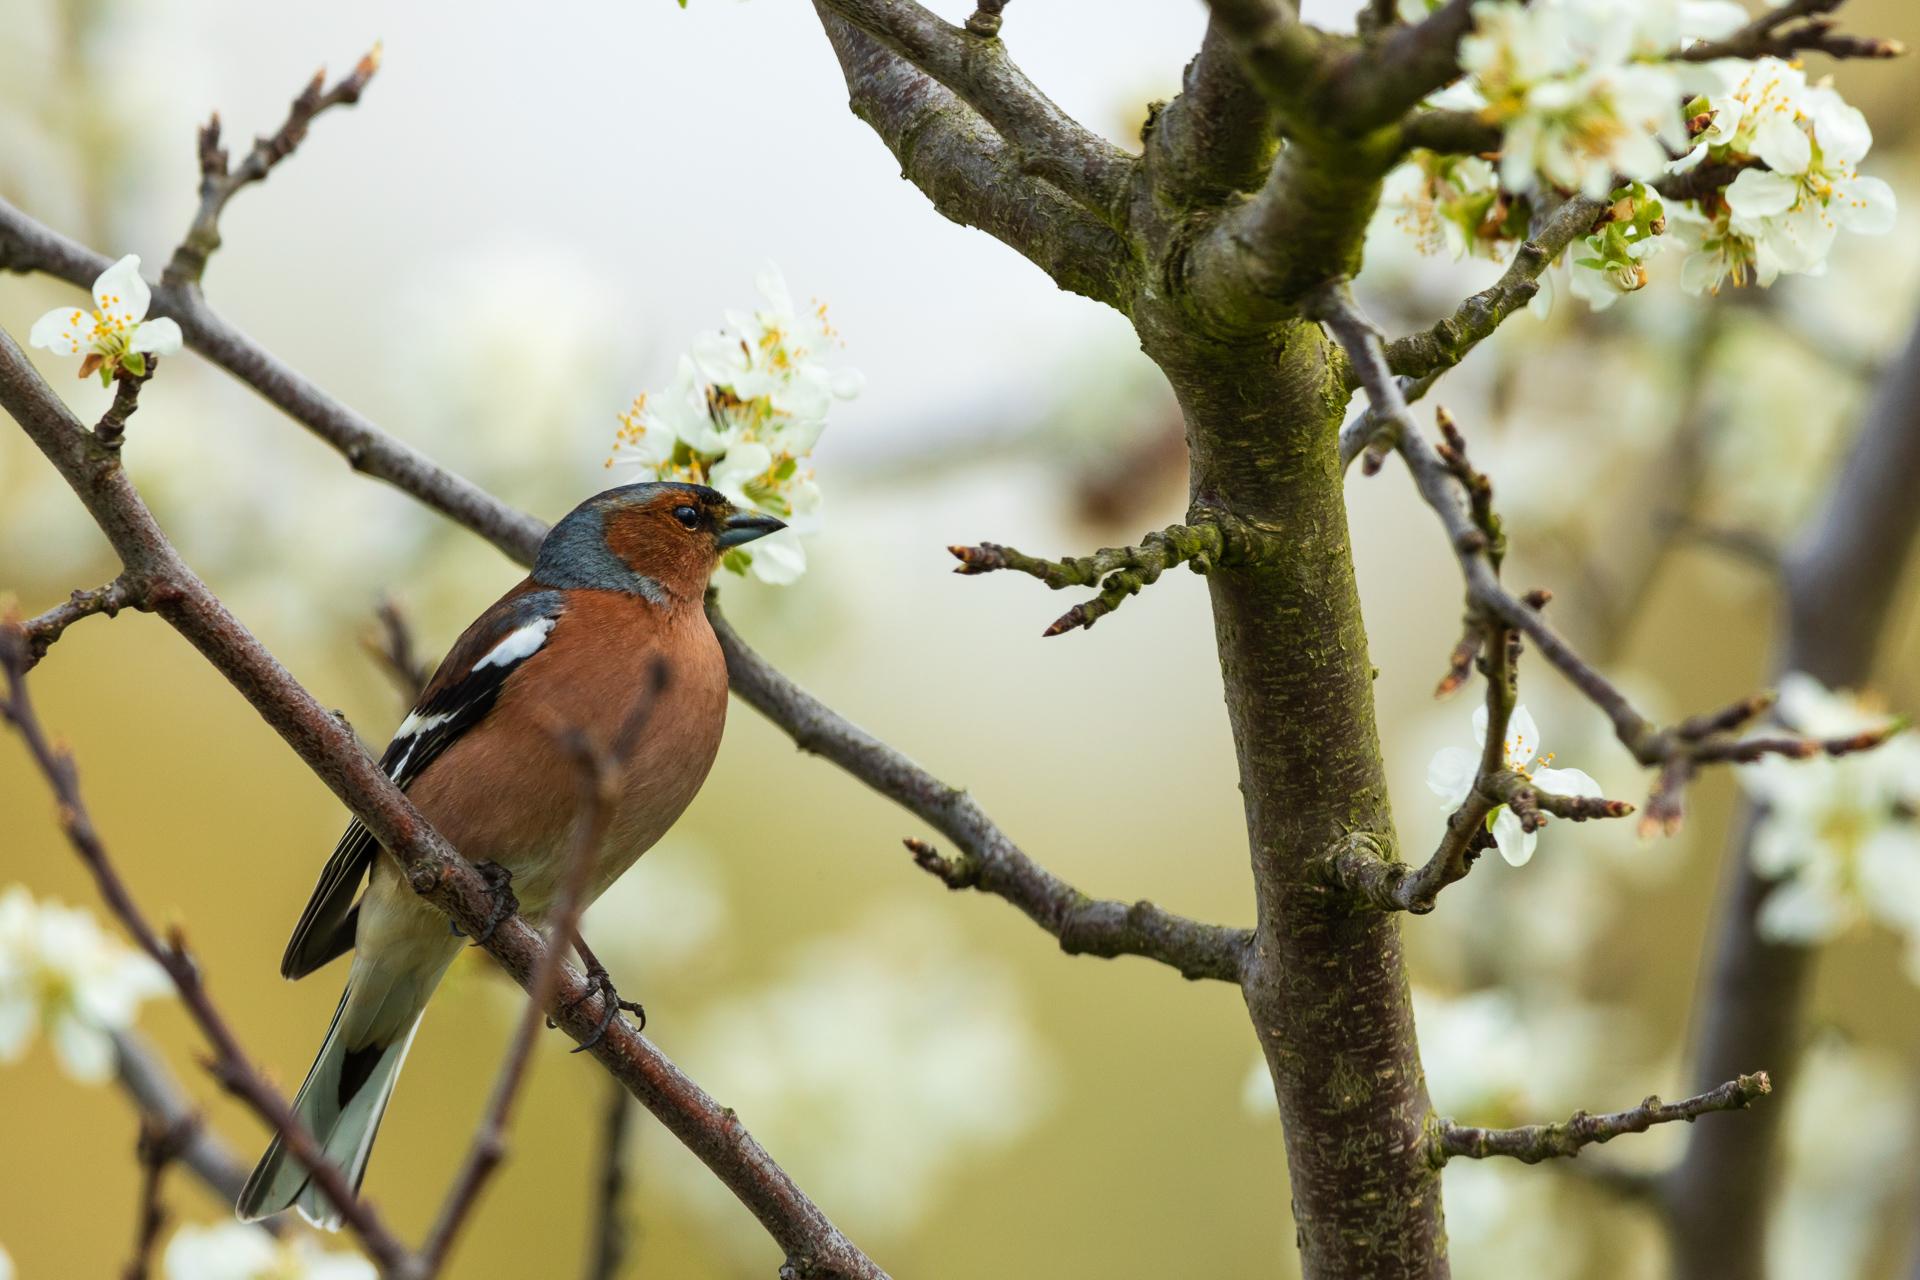 Ein männlicher Buchfink (Fringilla coelebs) im Prachtkleid / Foto: Andreas Sebald